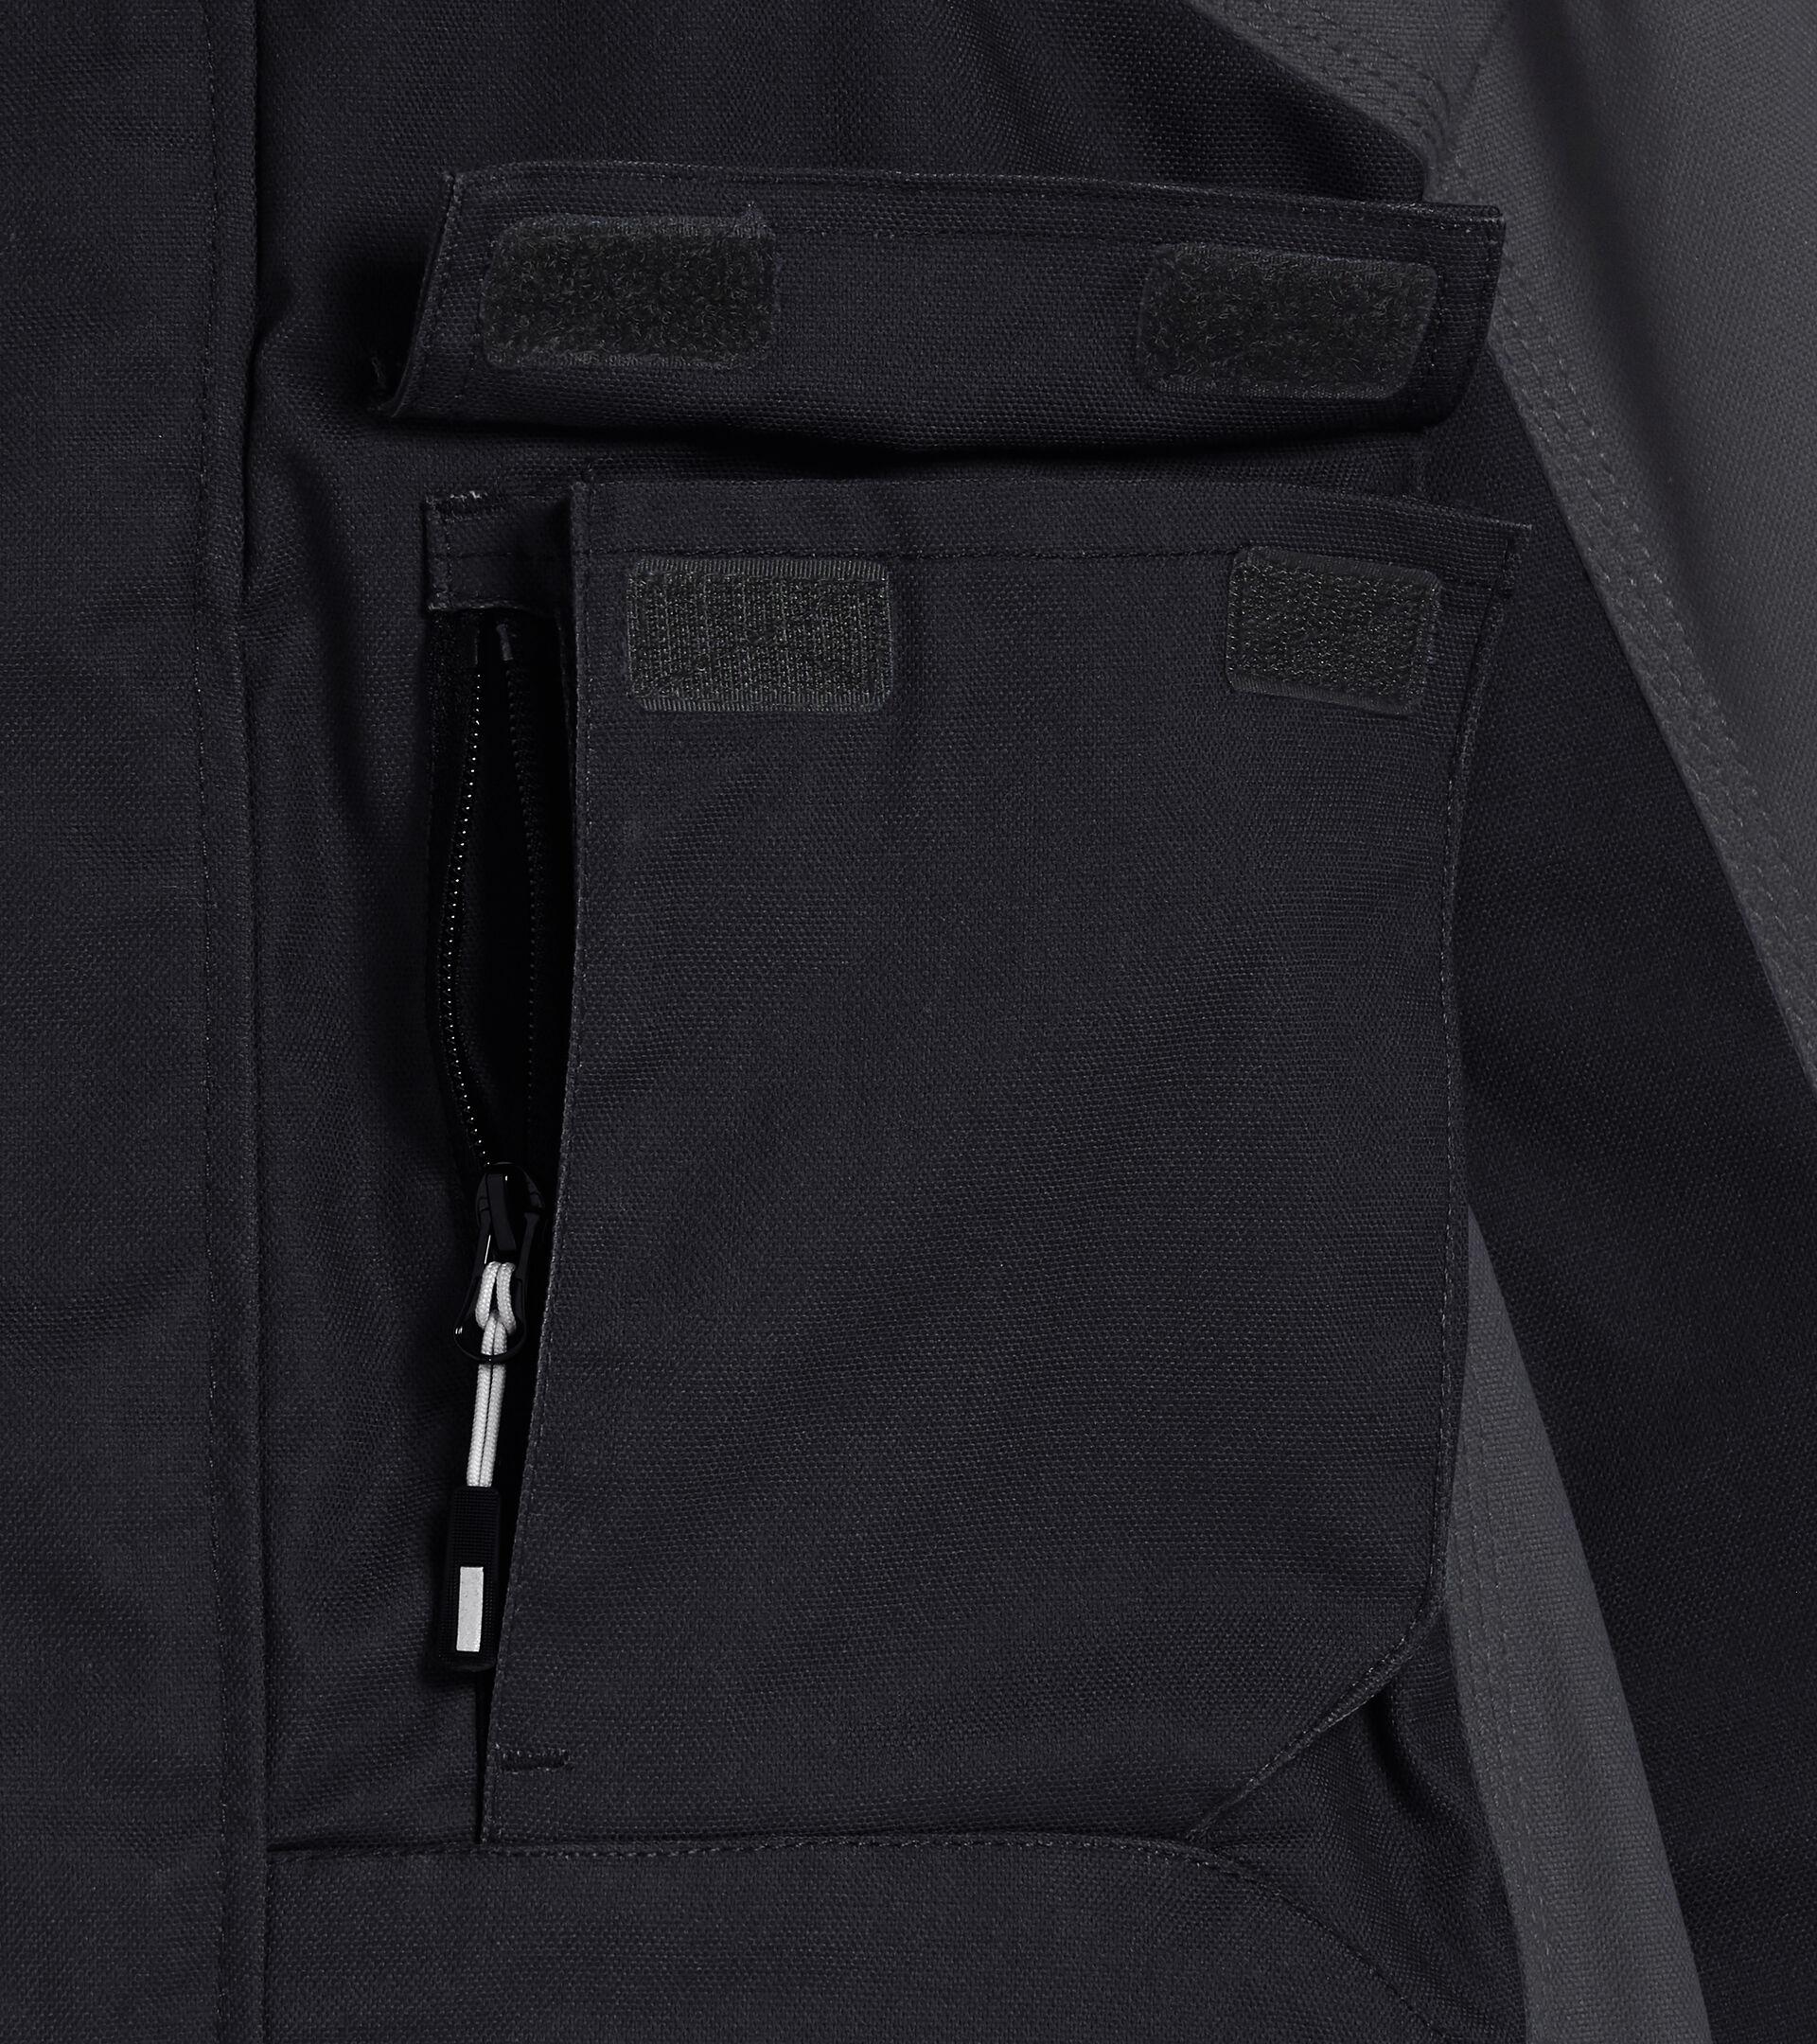 Apparel Utility UOMO WORKWEAR JKT TECH BLACK Utility